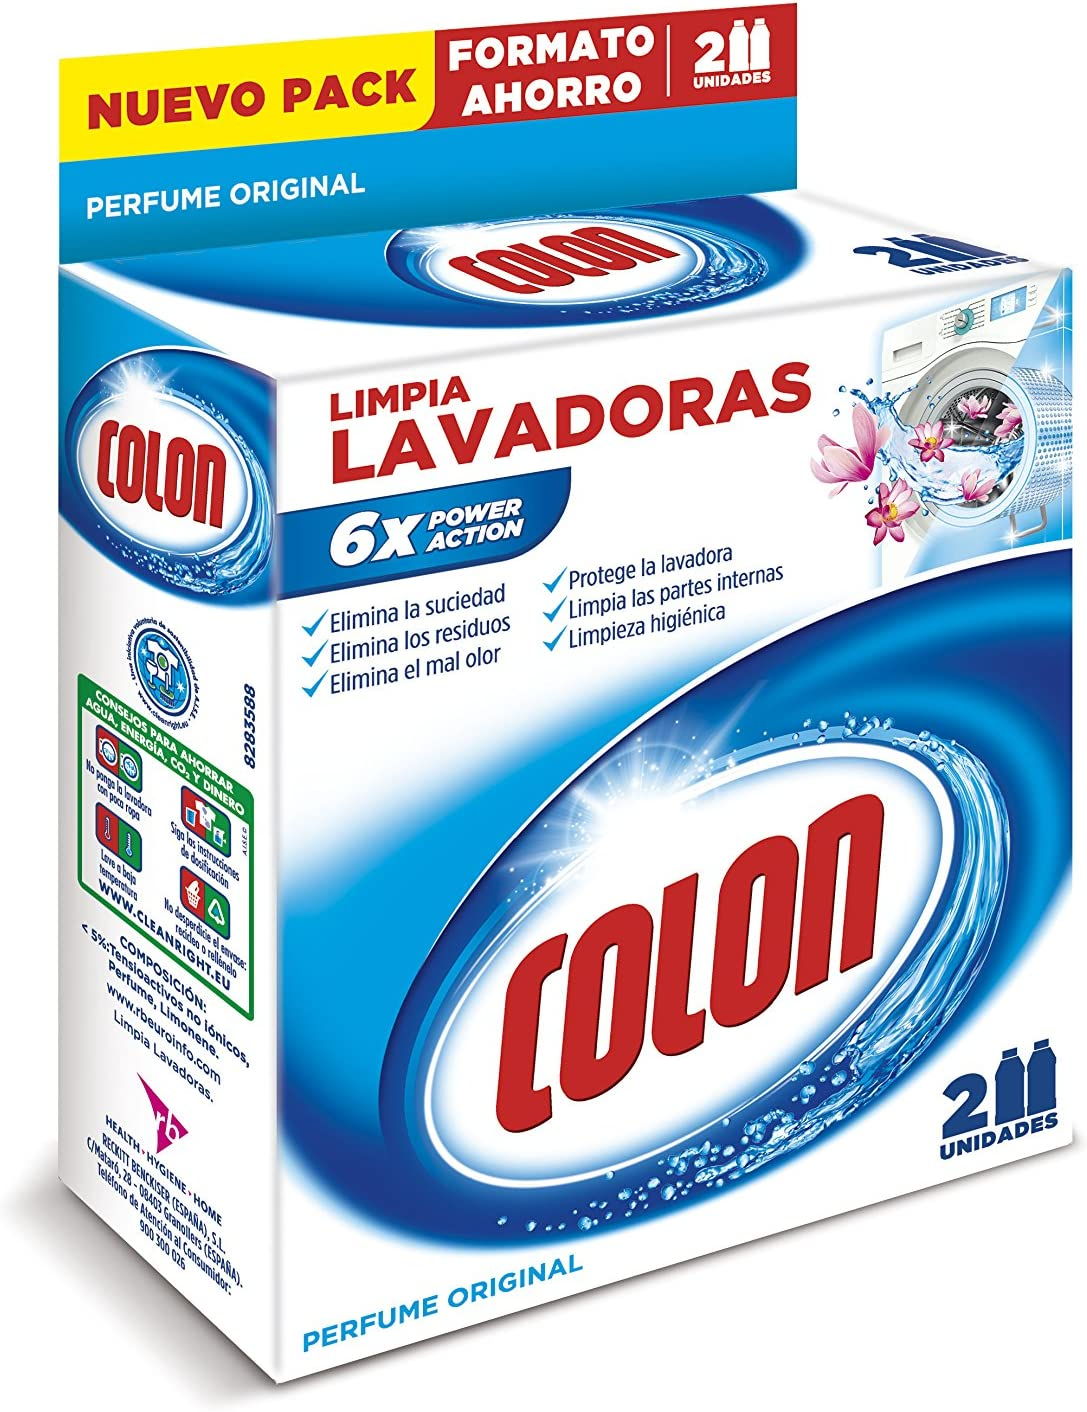 Colon Limpialavadoras - Limpiador de lavadora y antiolor - pack de ...